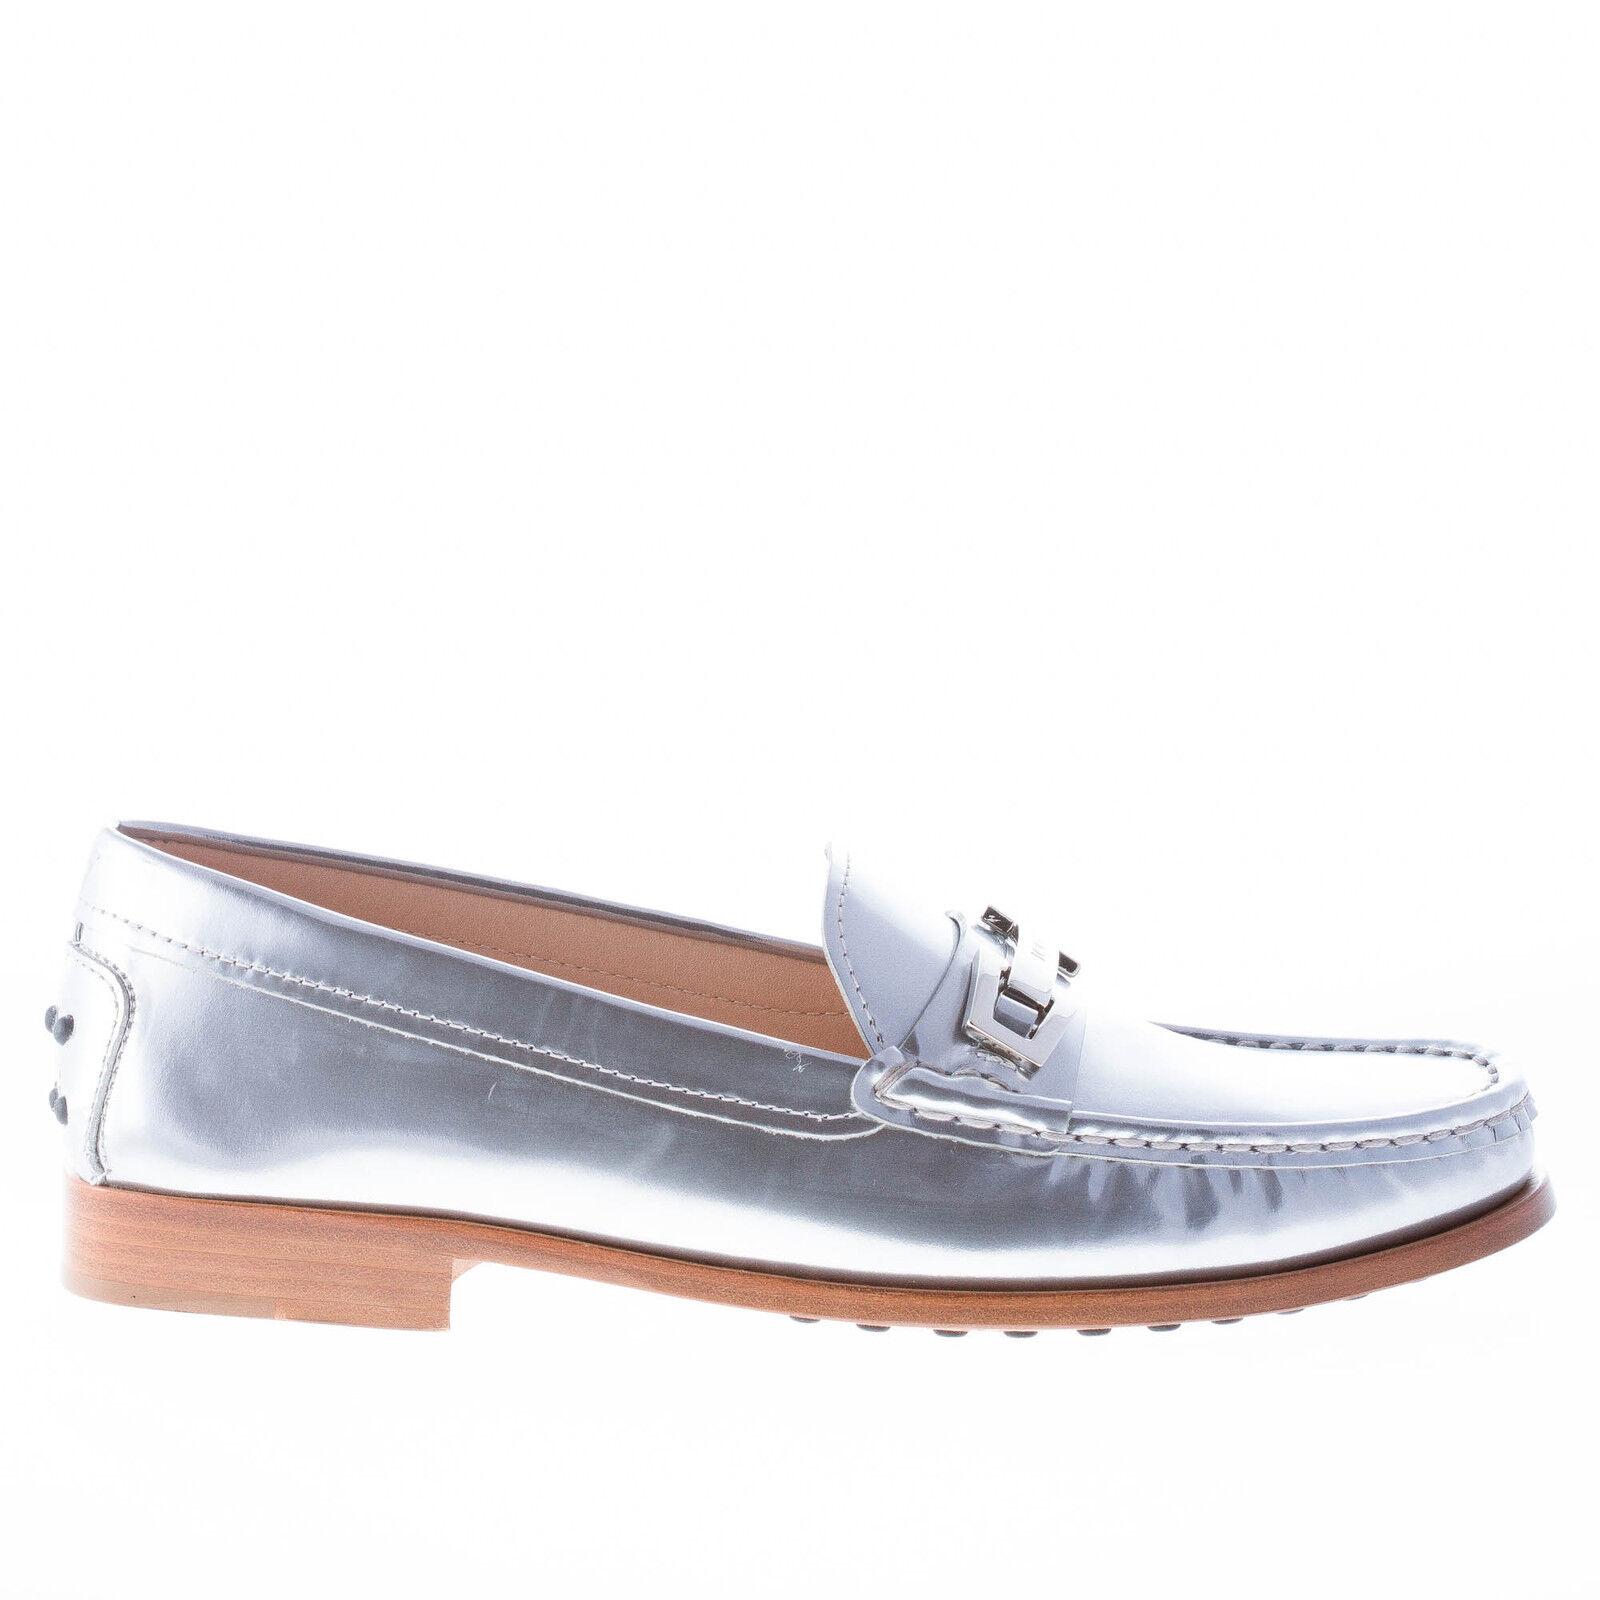 Zapatos de cuero Tod'S Mujer Mujer Mujer metálico de plata con abrazadera metálica Mocasín Penny Bar  Nuevos productos de artículos novedosos.